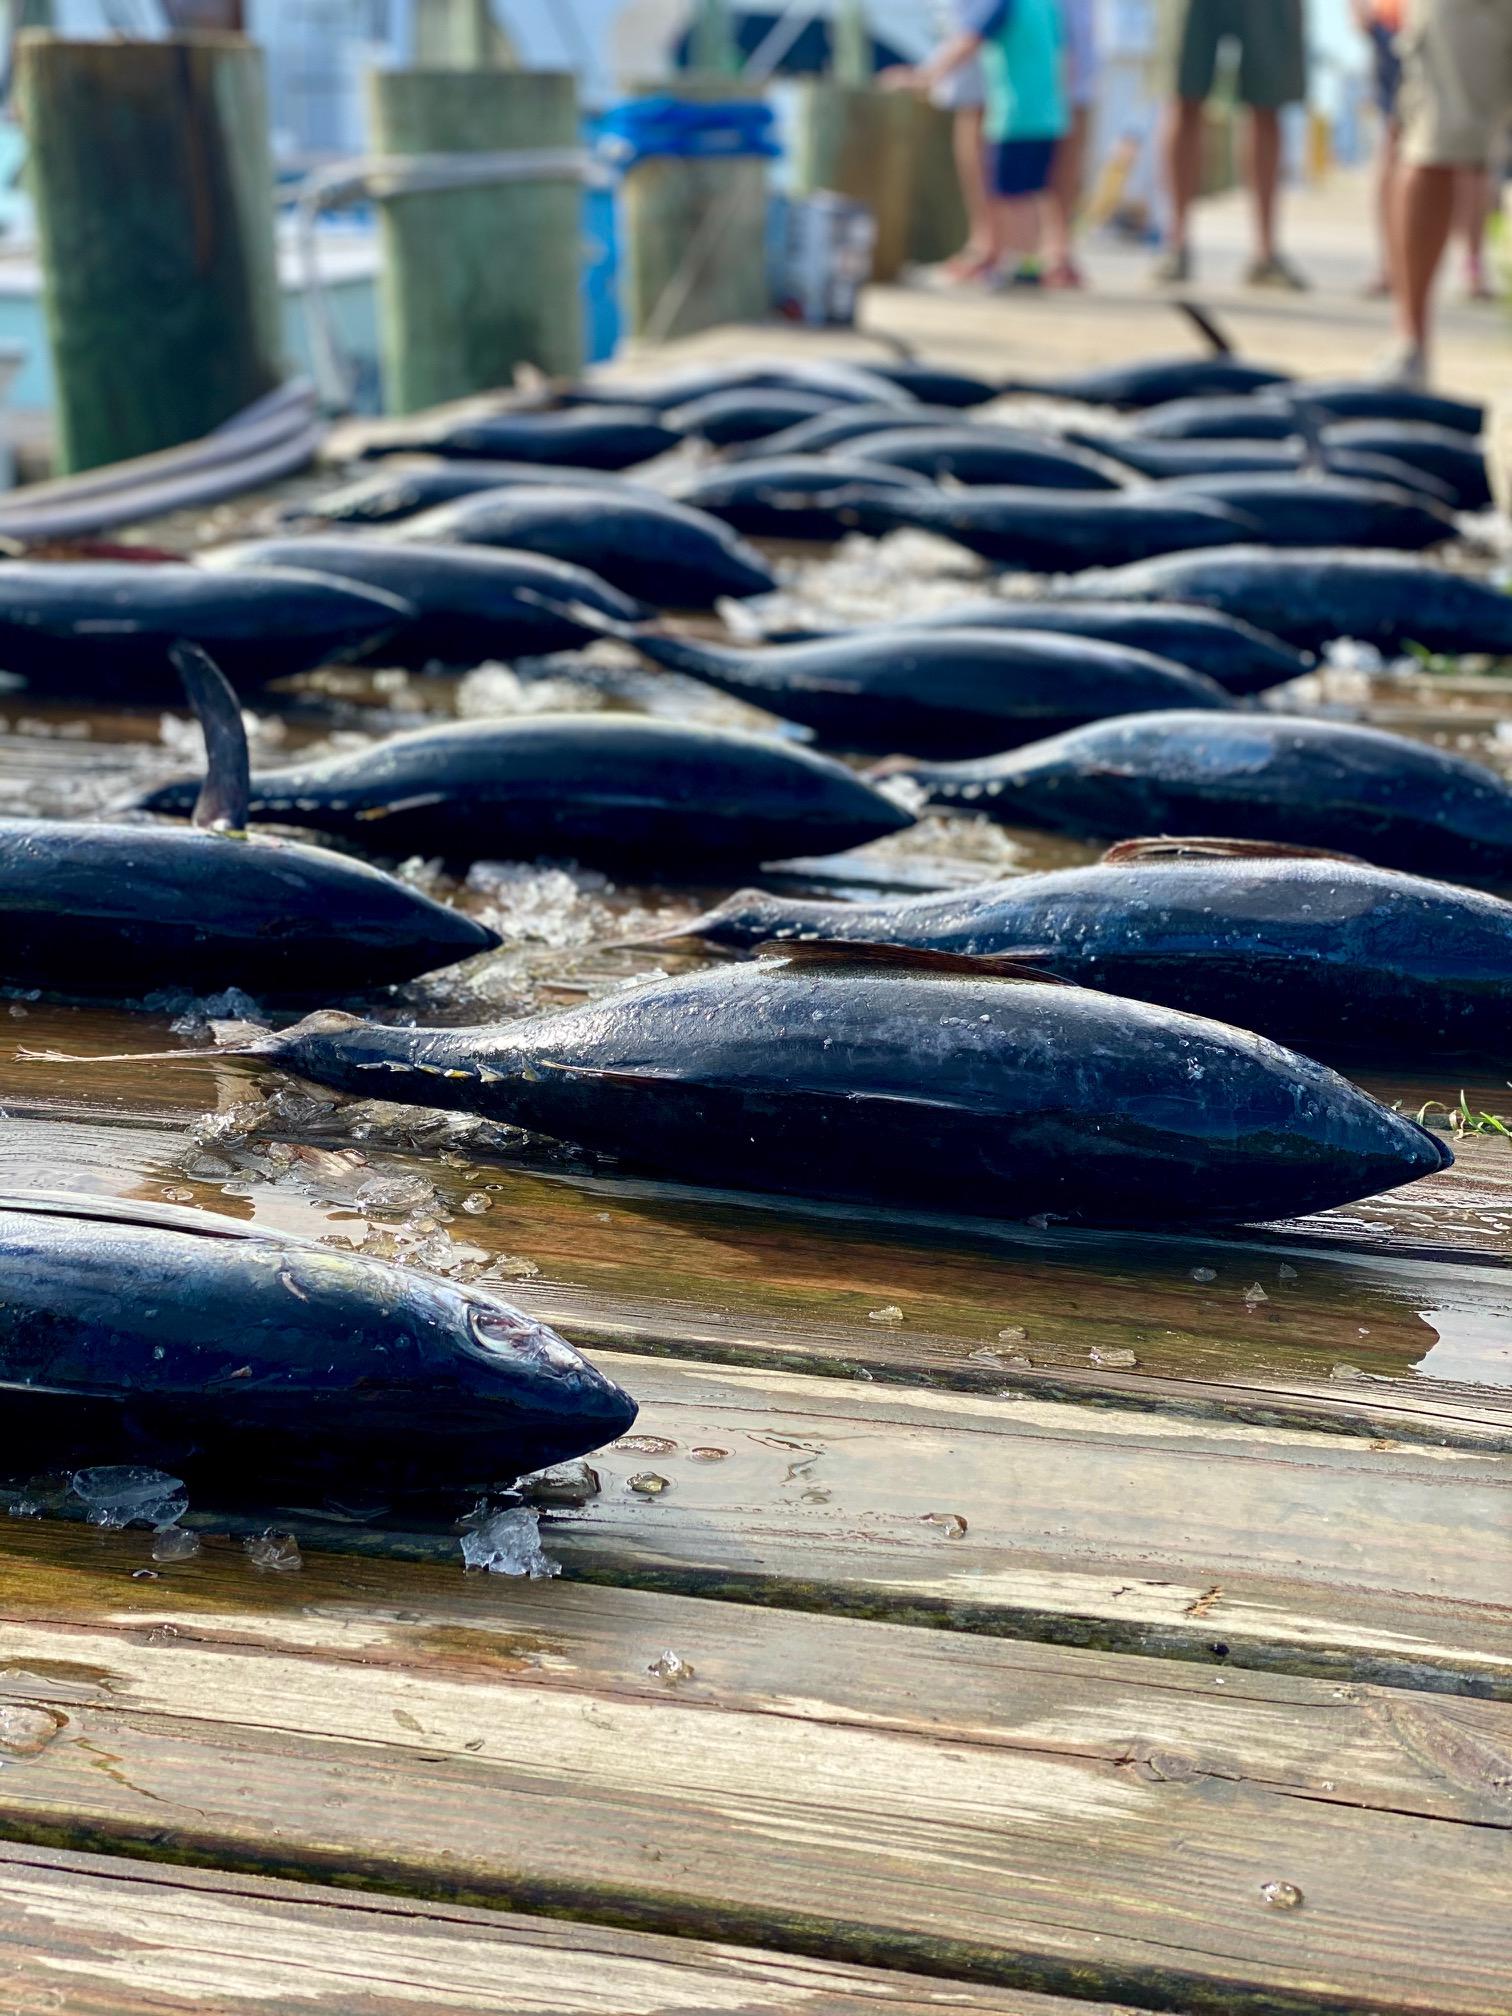 Hatteras Sportfishing Tuna Offshore Gulfstream Teach's Lair